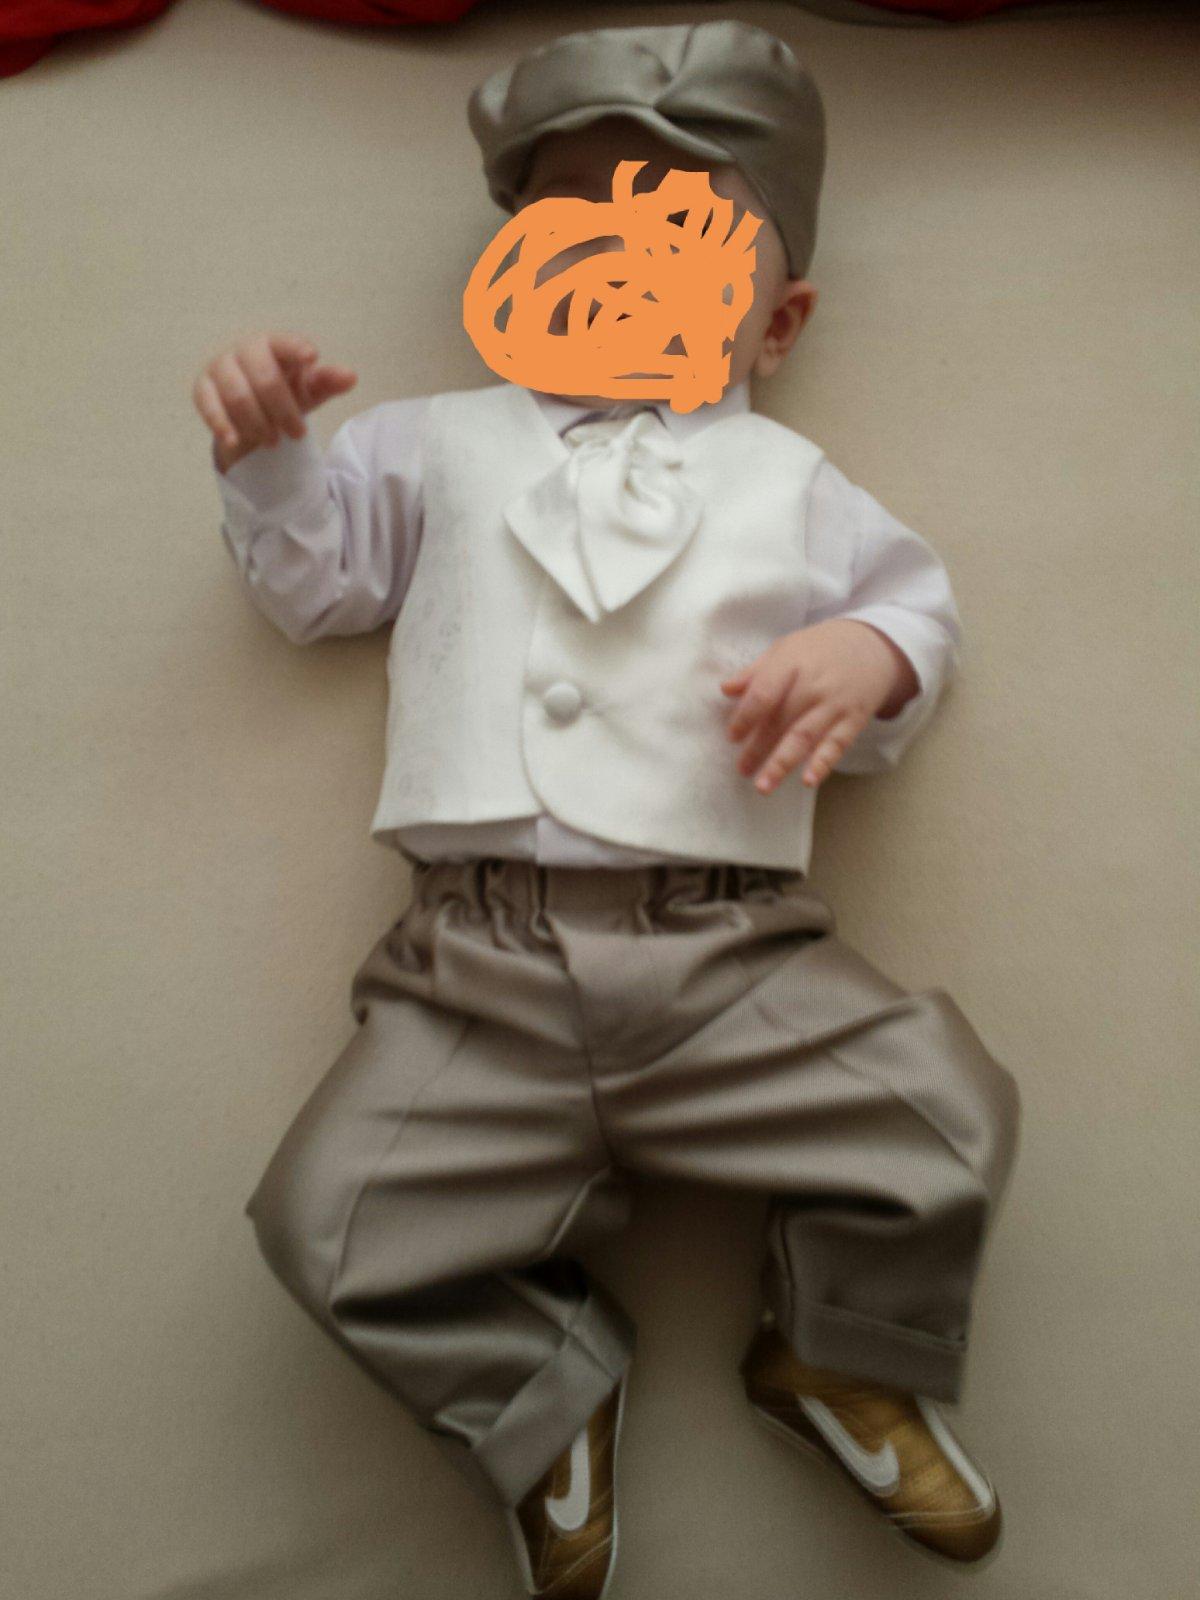 Elegant baby - Obrázok č. 1